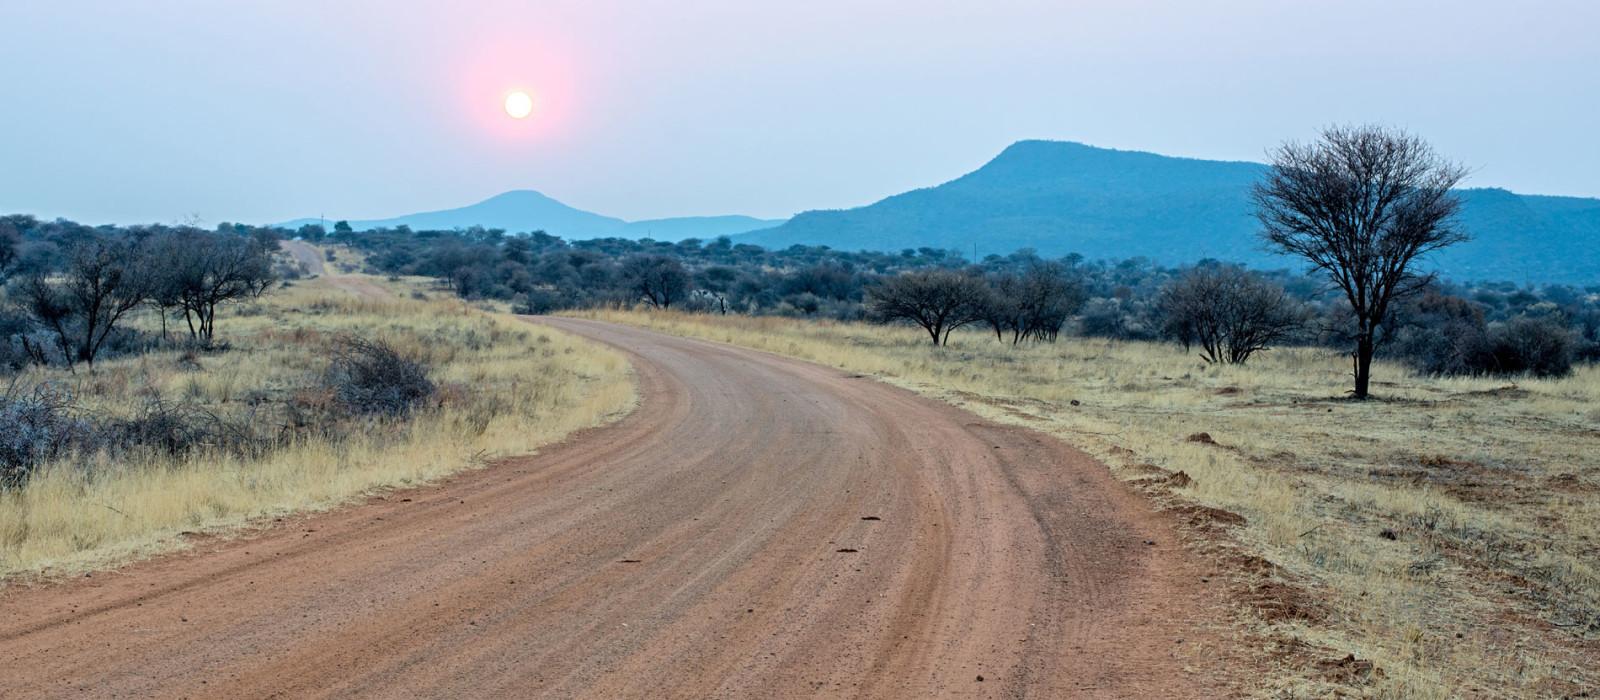 Reiseziel Okonjima Wildschutzgebiet Namibia